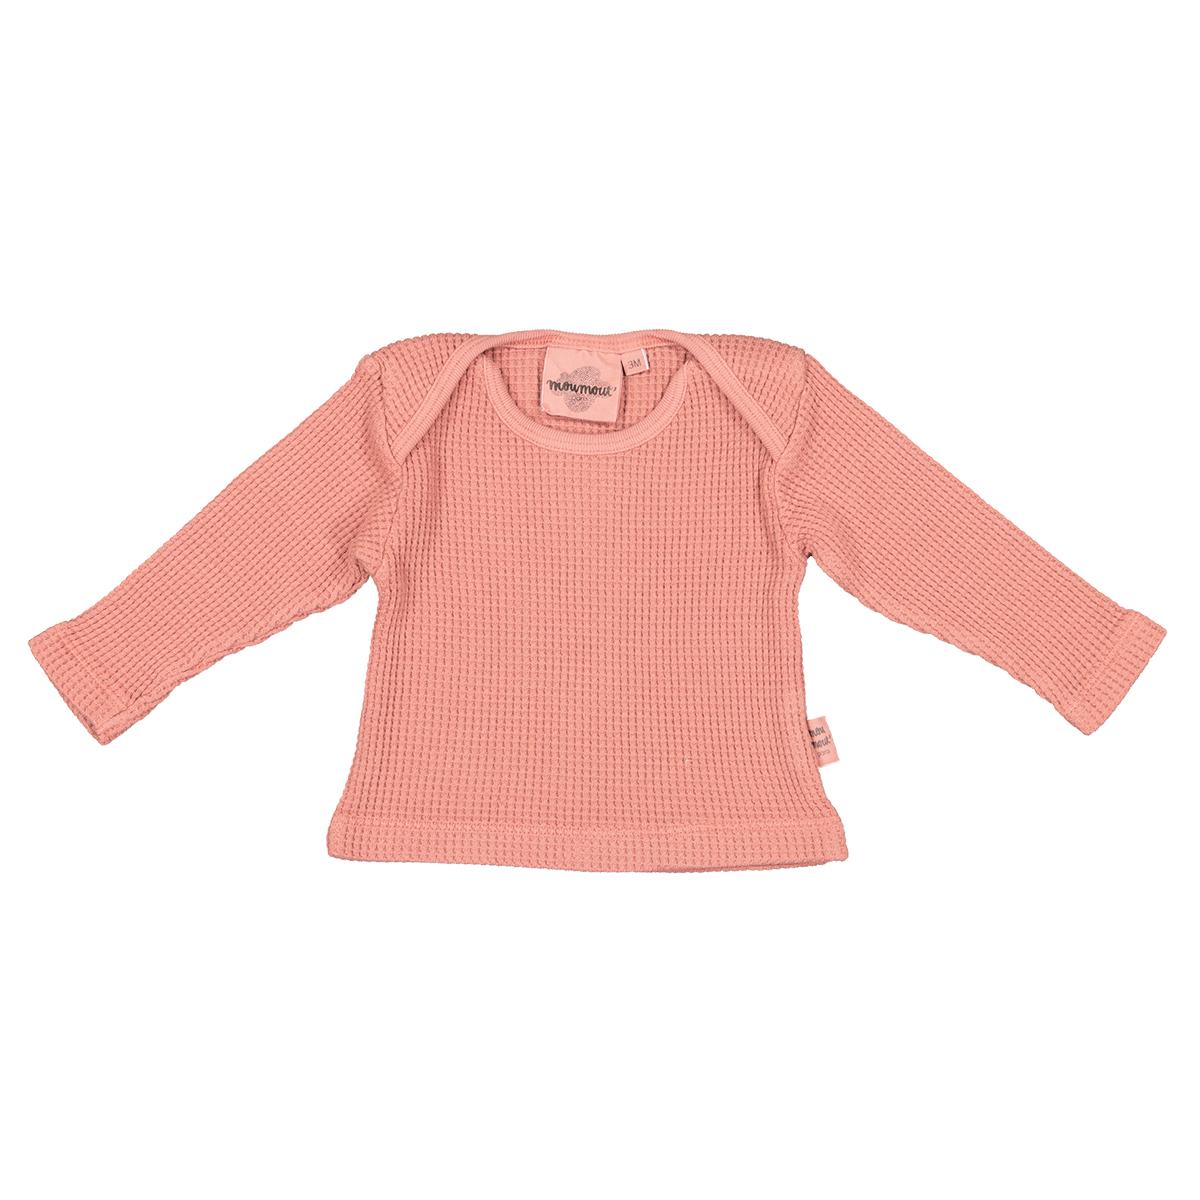 Haut bébé Tee-shirt Mü Bee Terracotta - 2 Ans